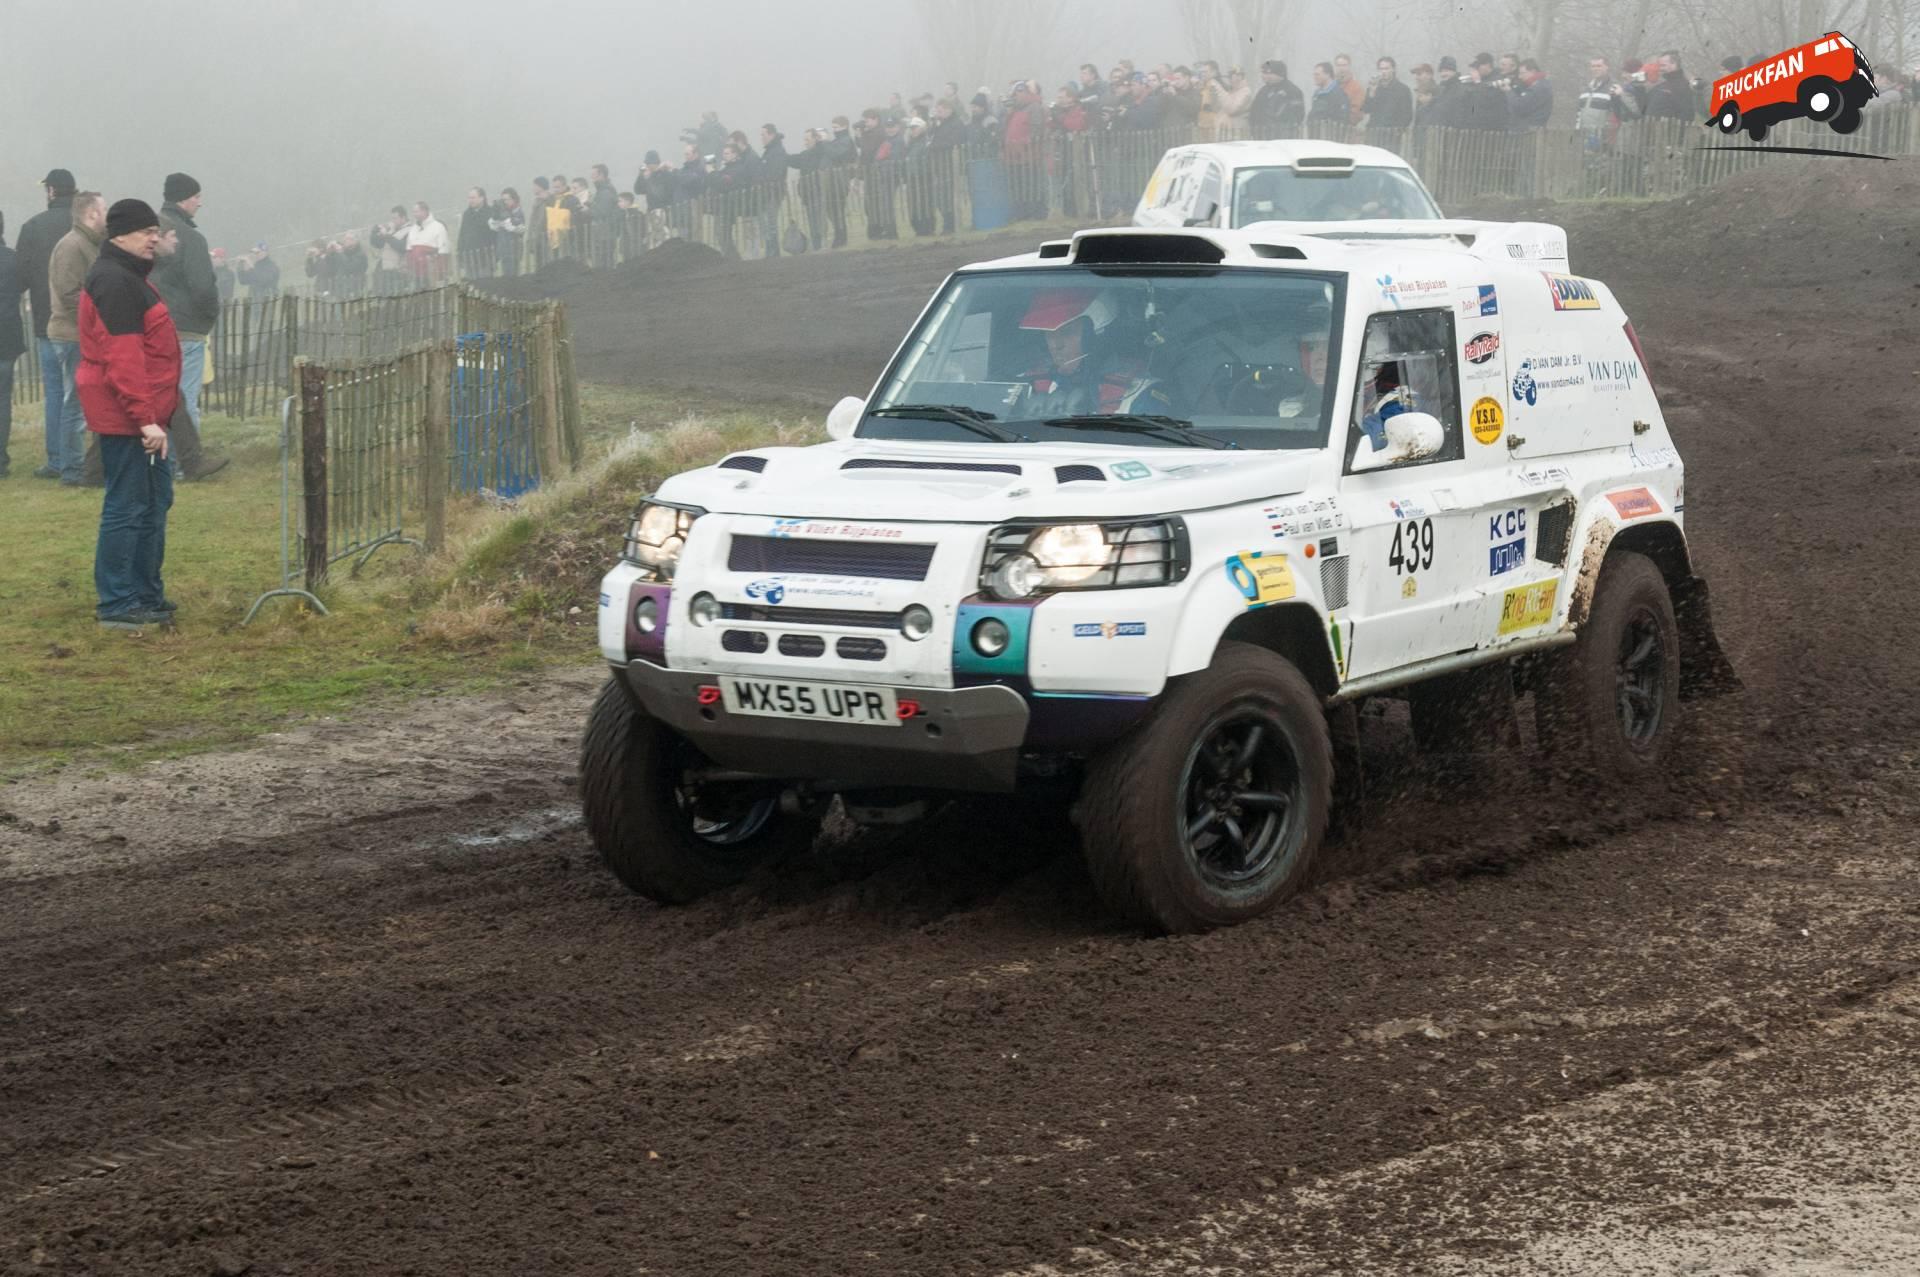 RallyRaid UK Desert Warrior